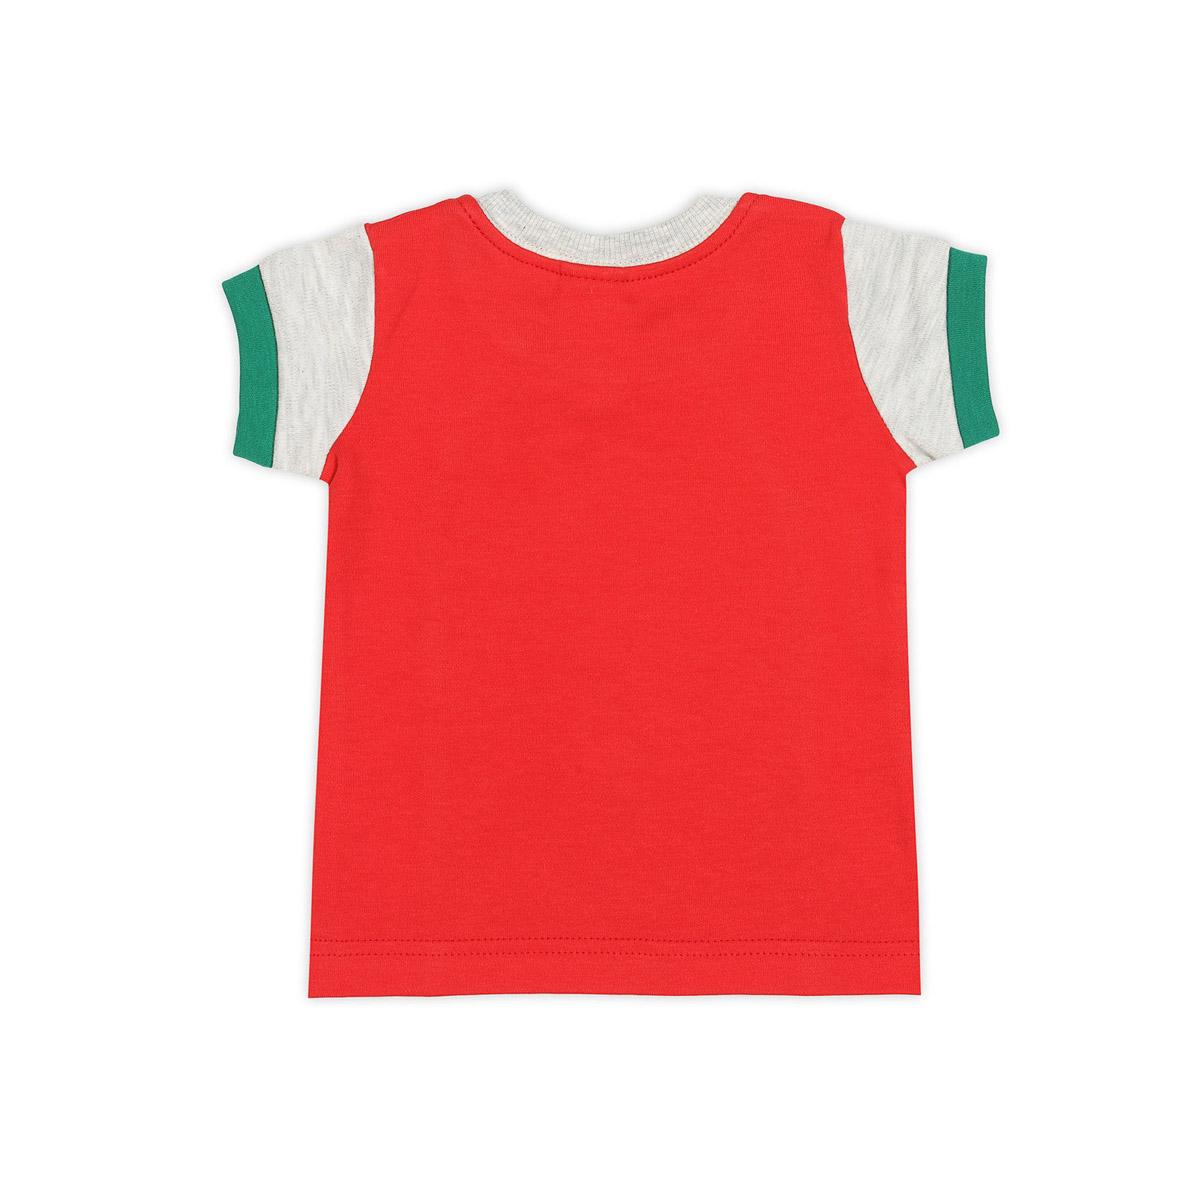 Футболка Ёмаё Хохлома (27-636) рост 62 светло серый меланж с красный